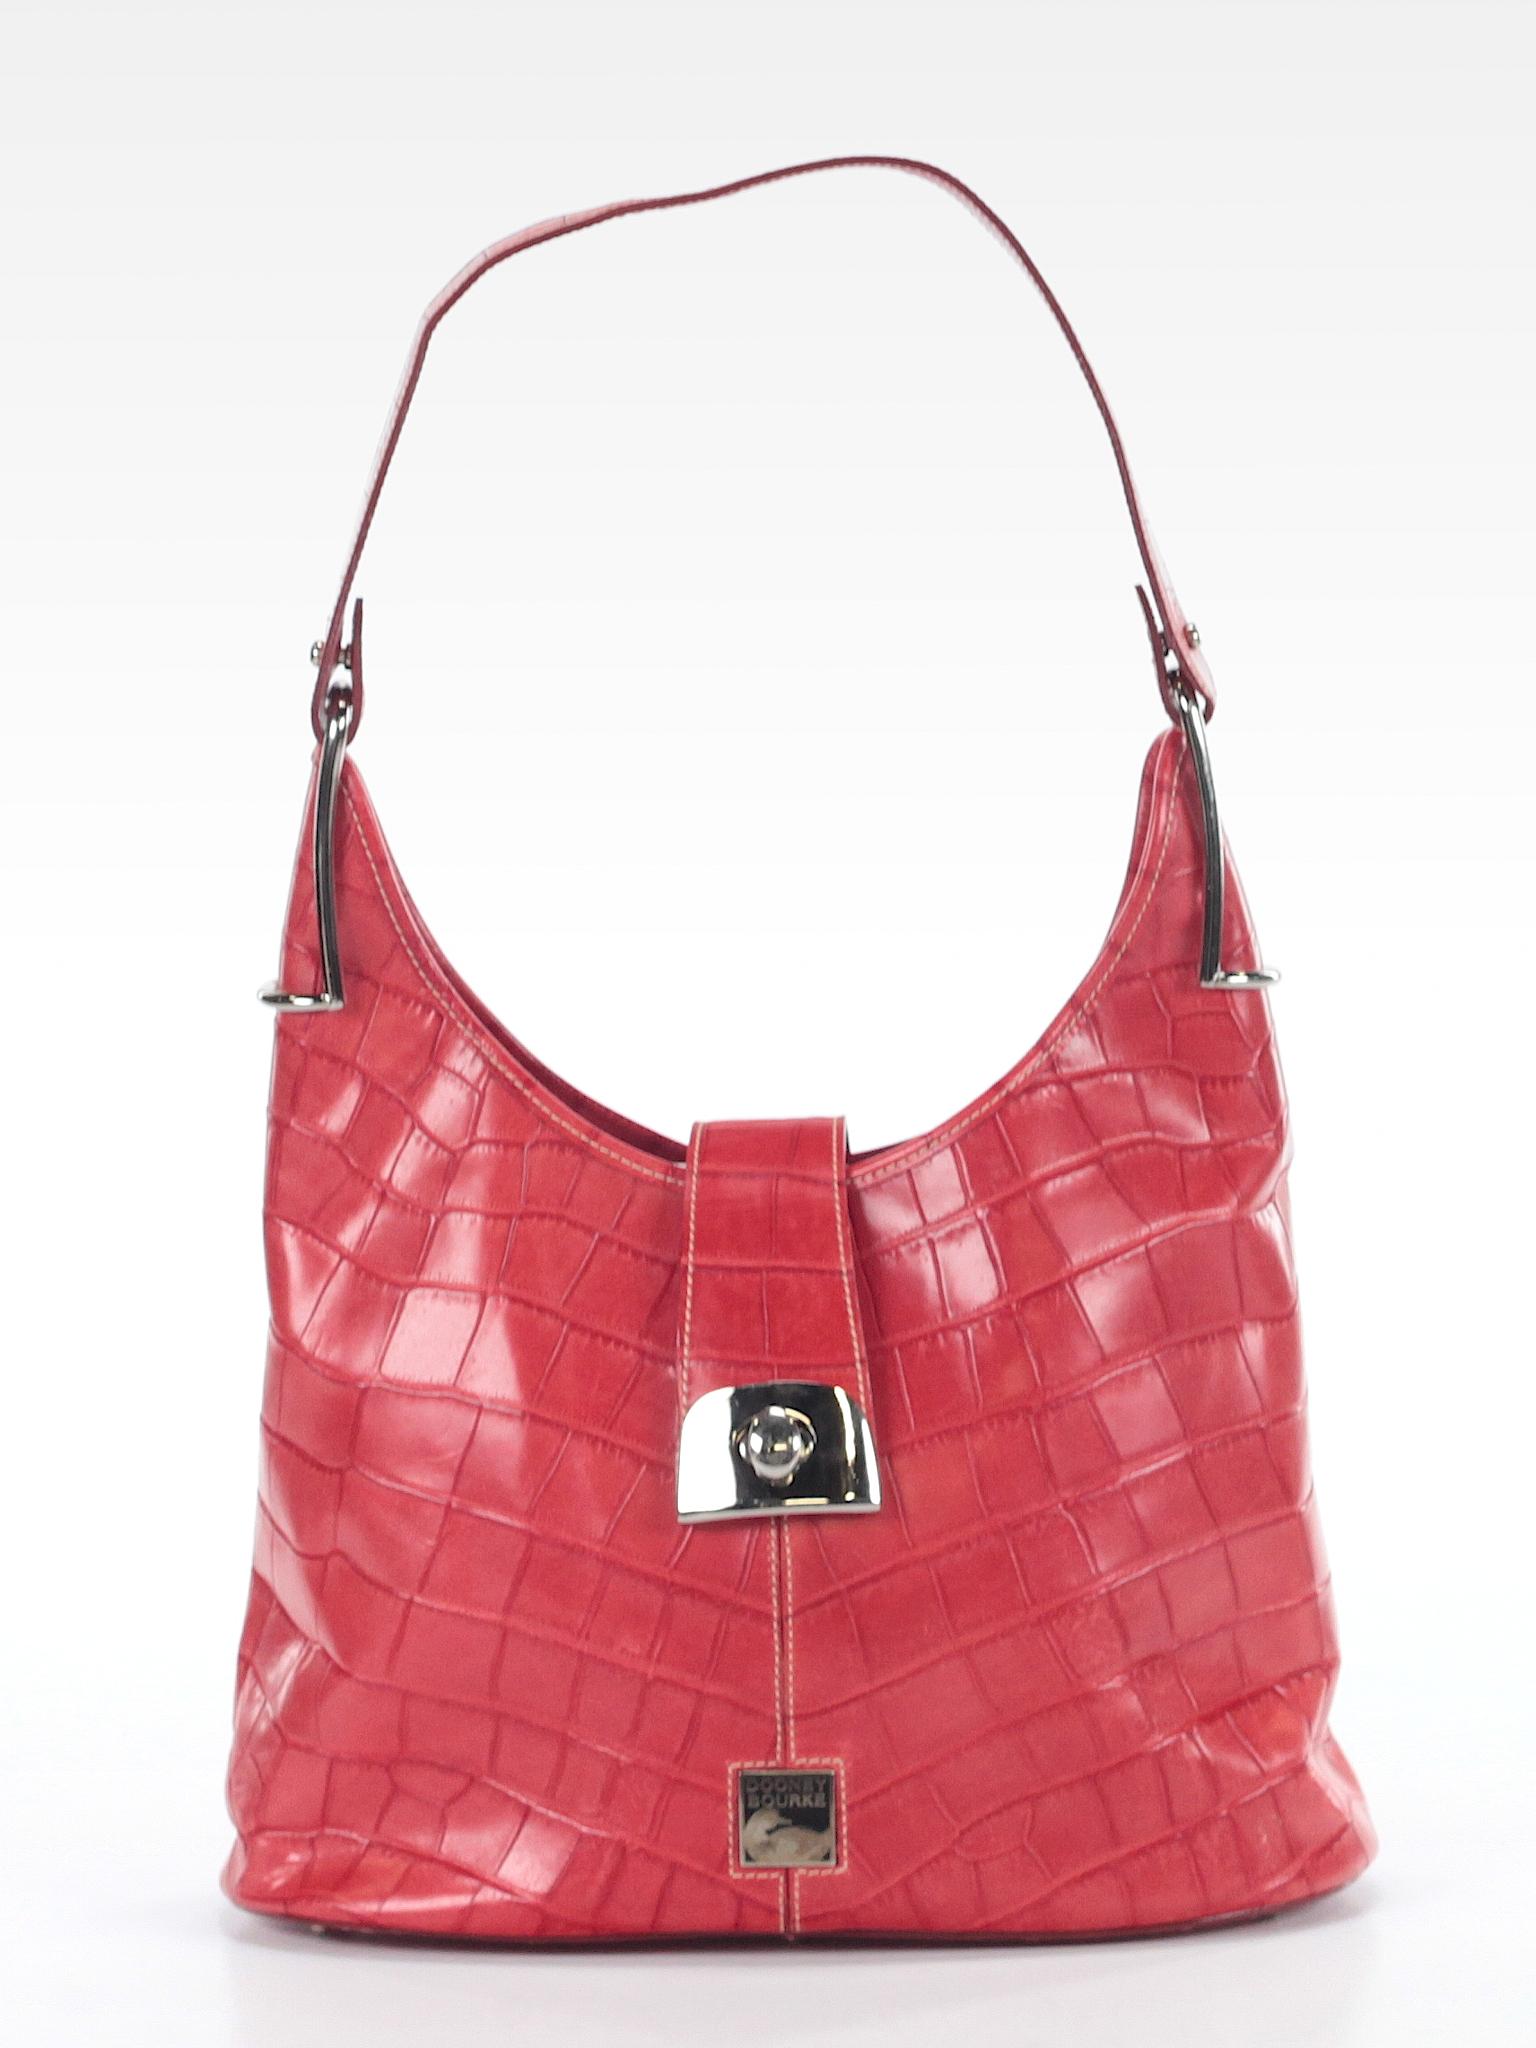 dooney bourke leather shoulder bag 63 off only on thredup. Black Bedroom Furniture Sets. Home Design Ideas